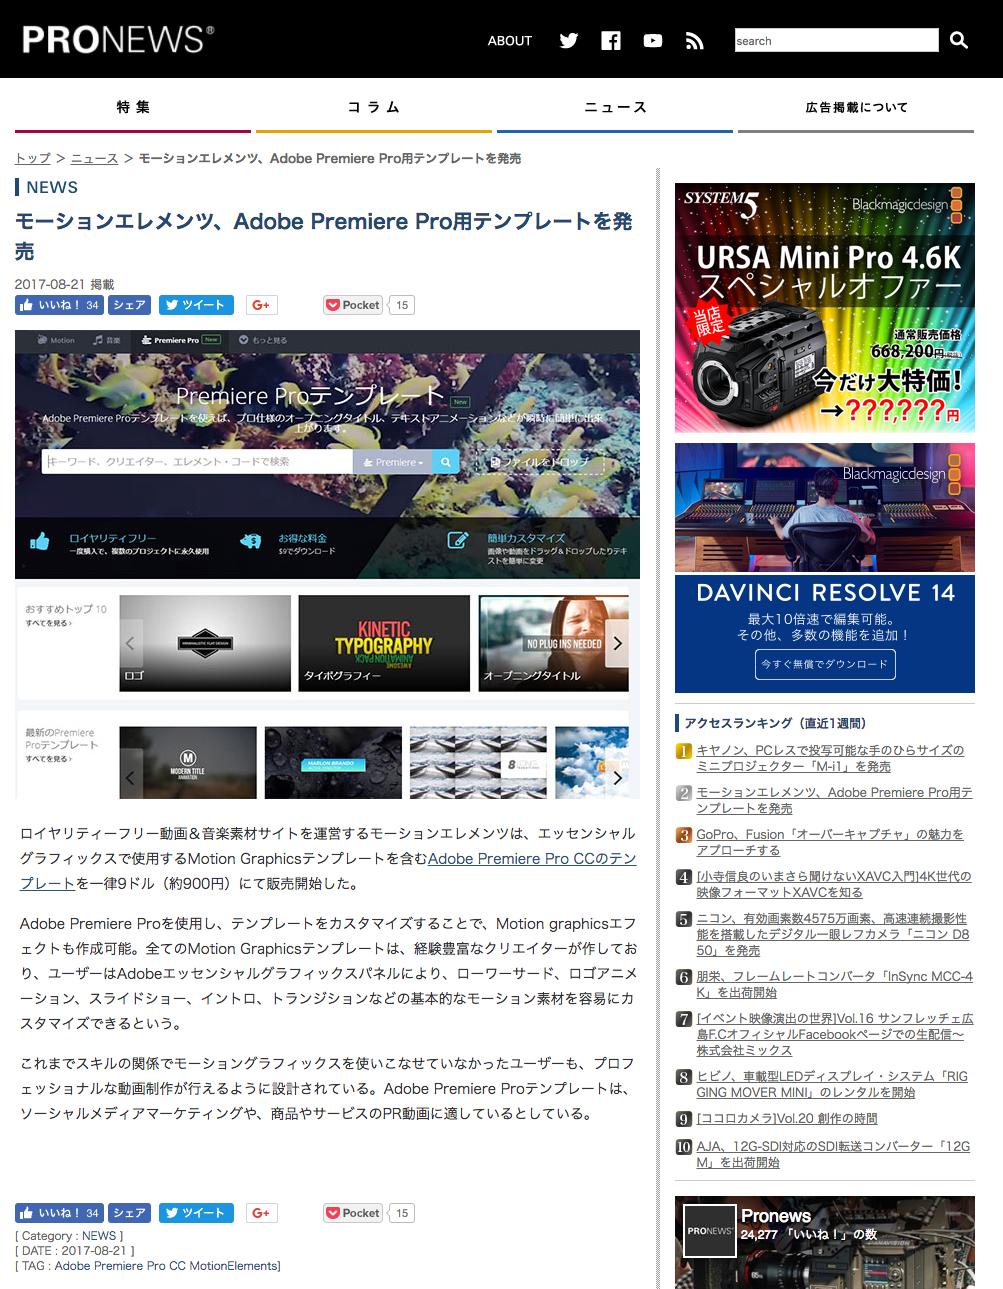 (日本語) Pronews: モーションエレメンツ、Adobe Premiere Pro用テンプレートを発売